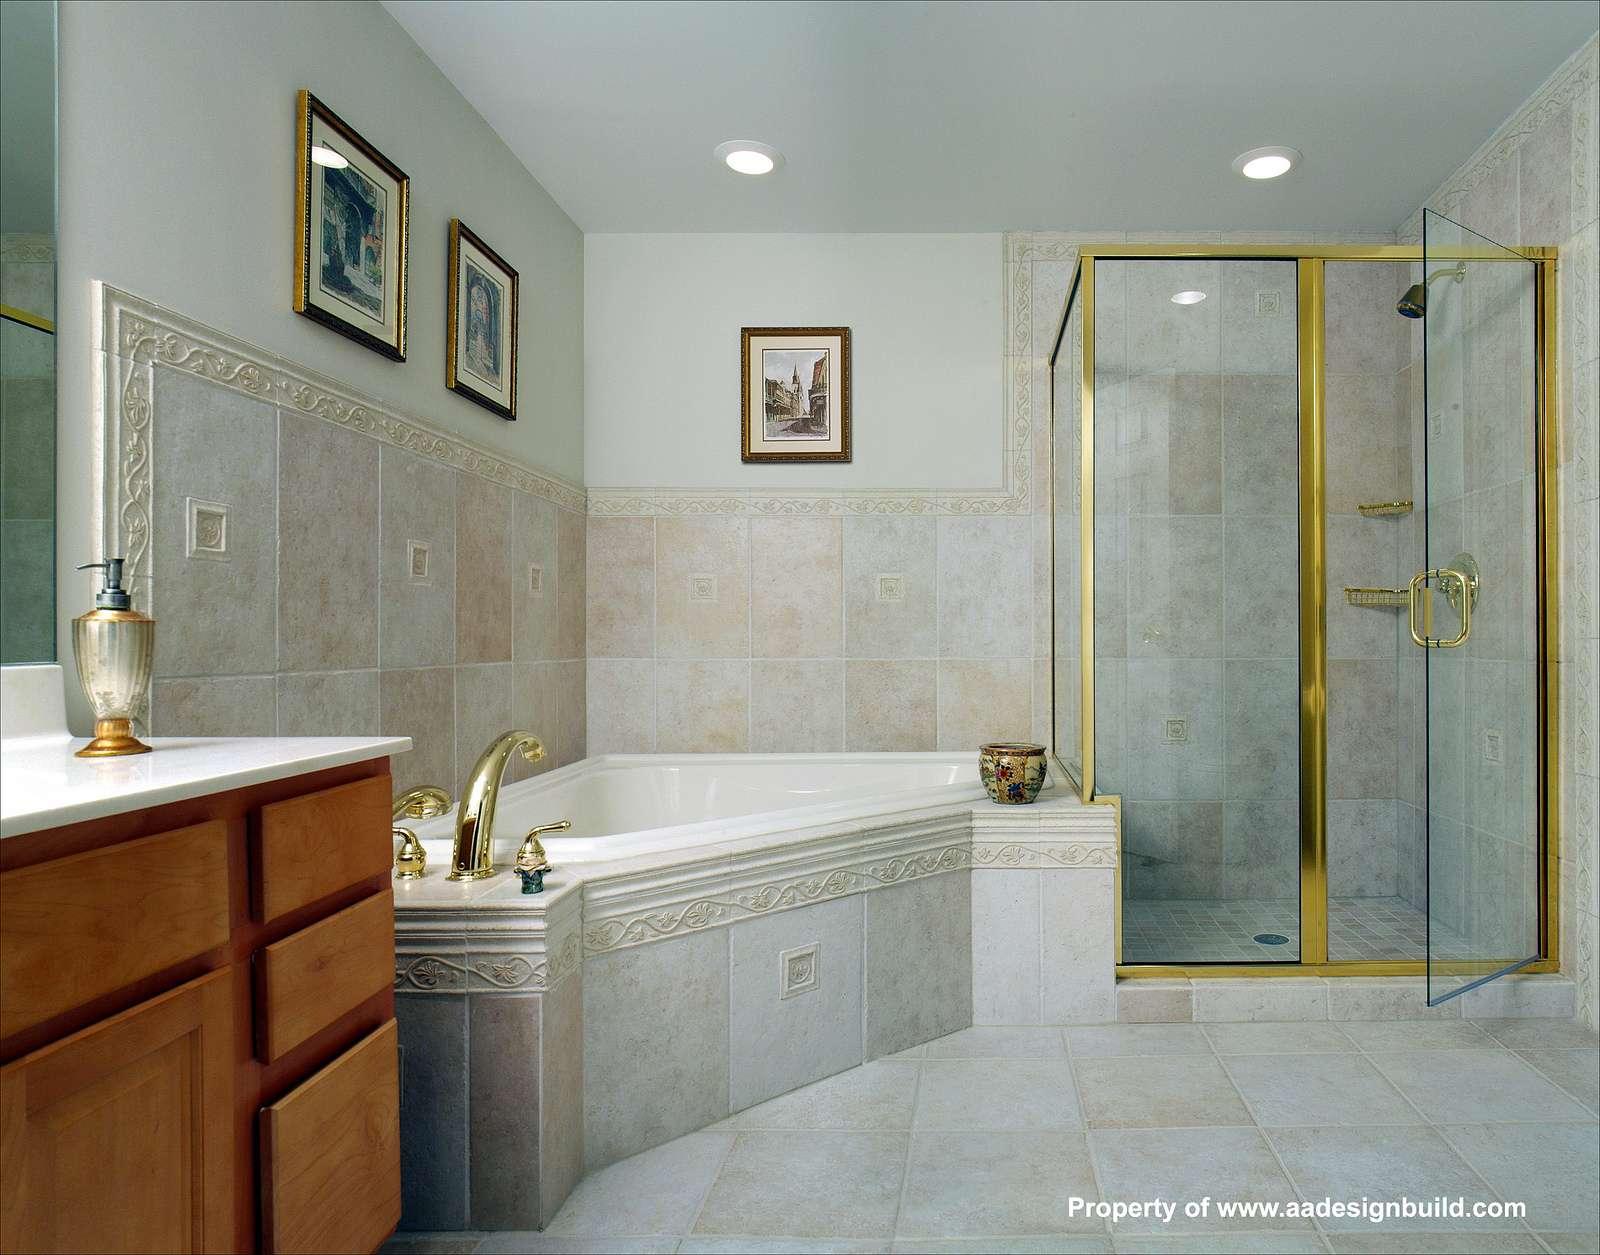 Odległości Między Urządzeniami W łazience MagazynŁazienka Pl